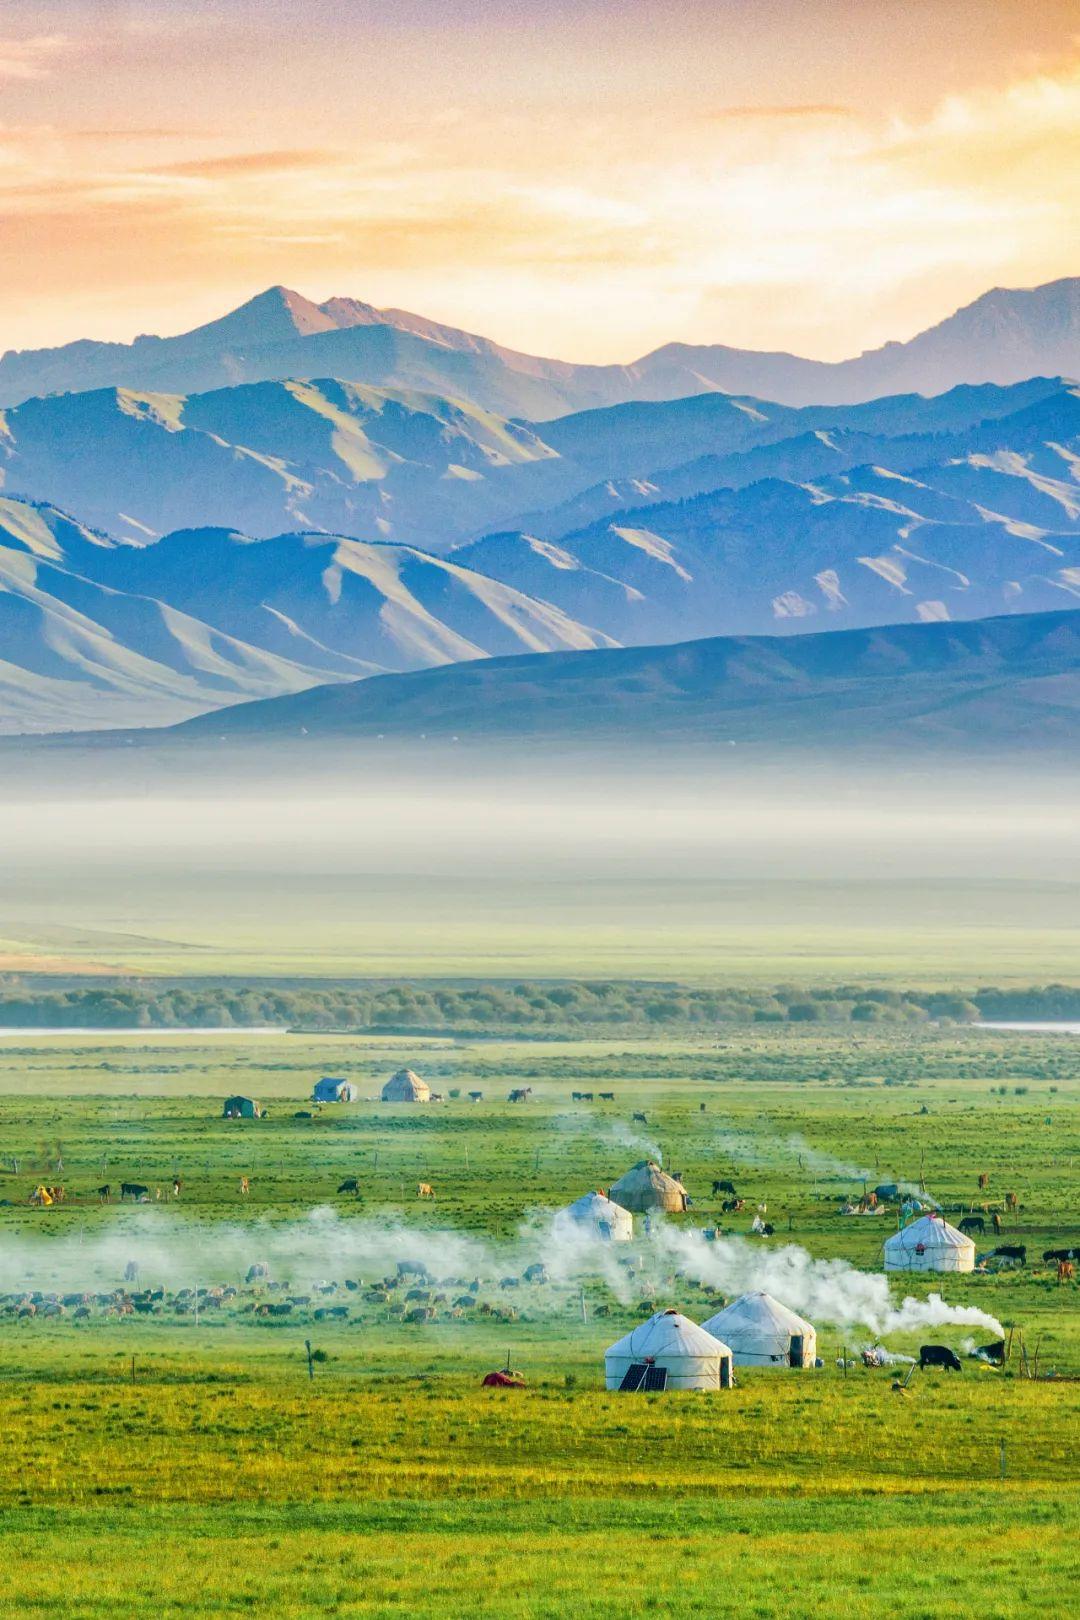 ▲ 炊烟升起,牛羊休息,这里是草原上的生活。摄影/赖宇宁